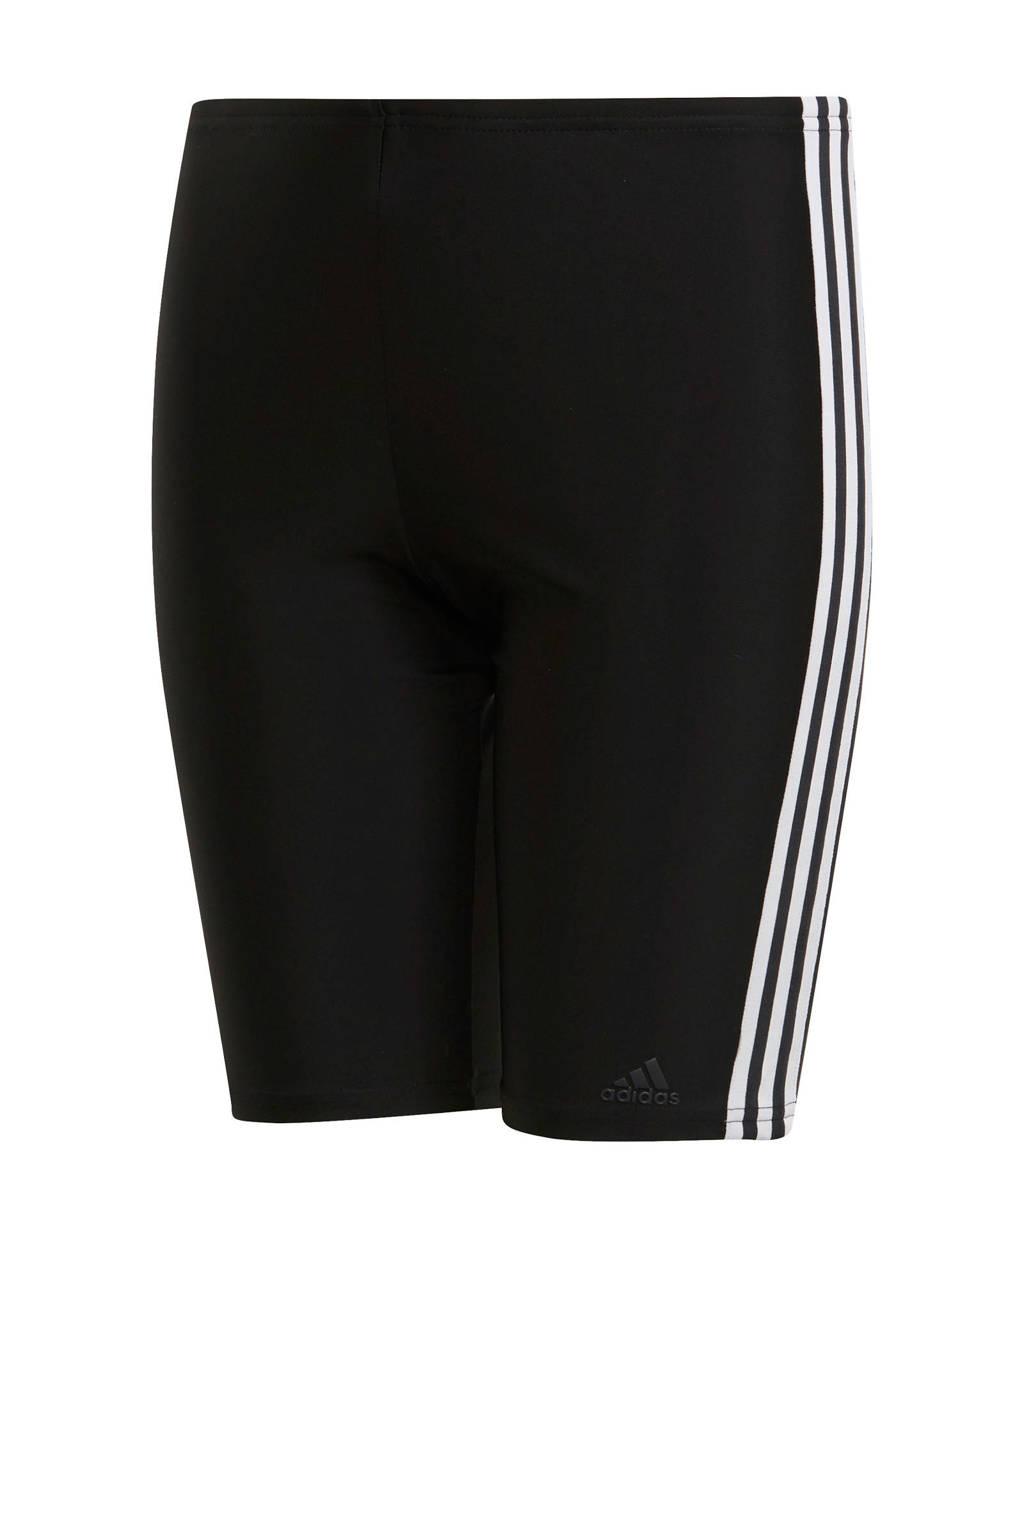 adidas Performance infinitex jammer 3-stripes zwart, Zwart/wit